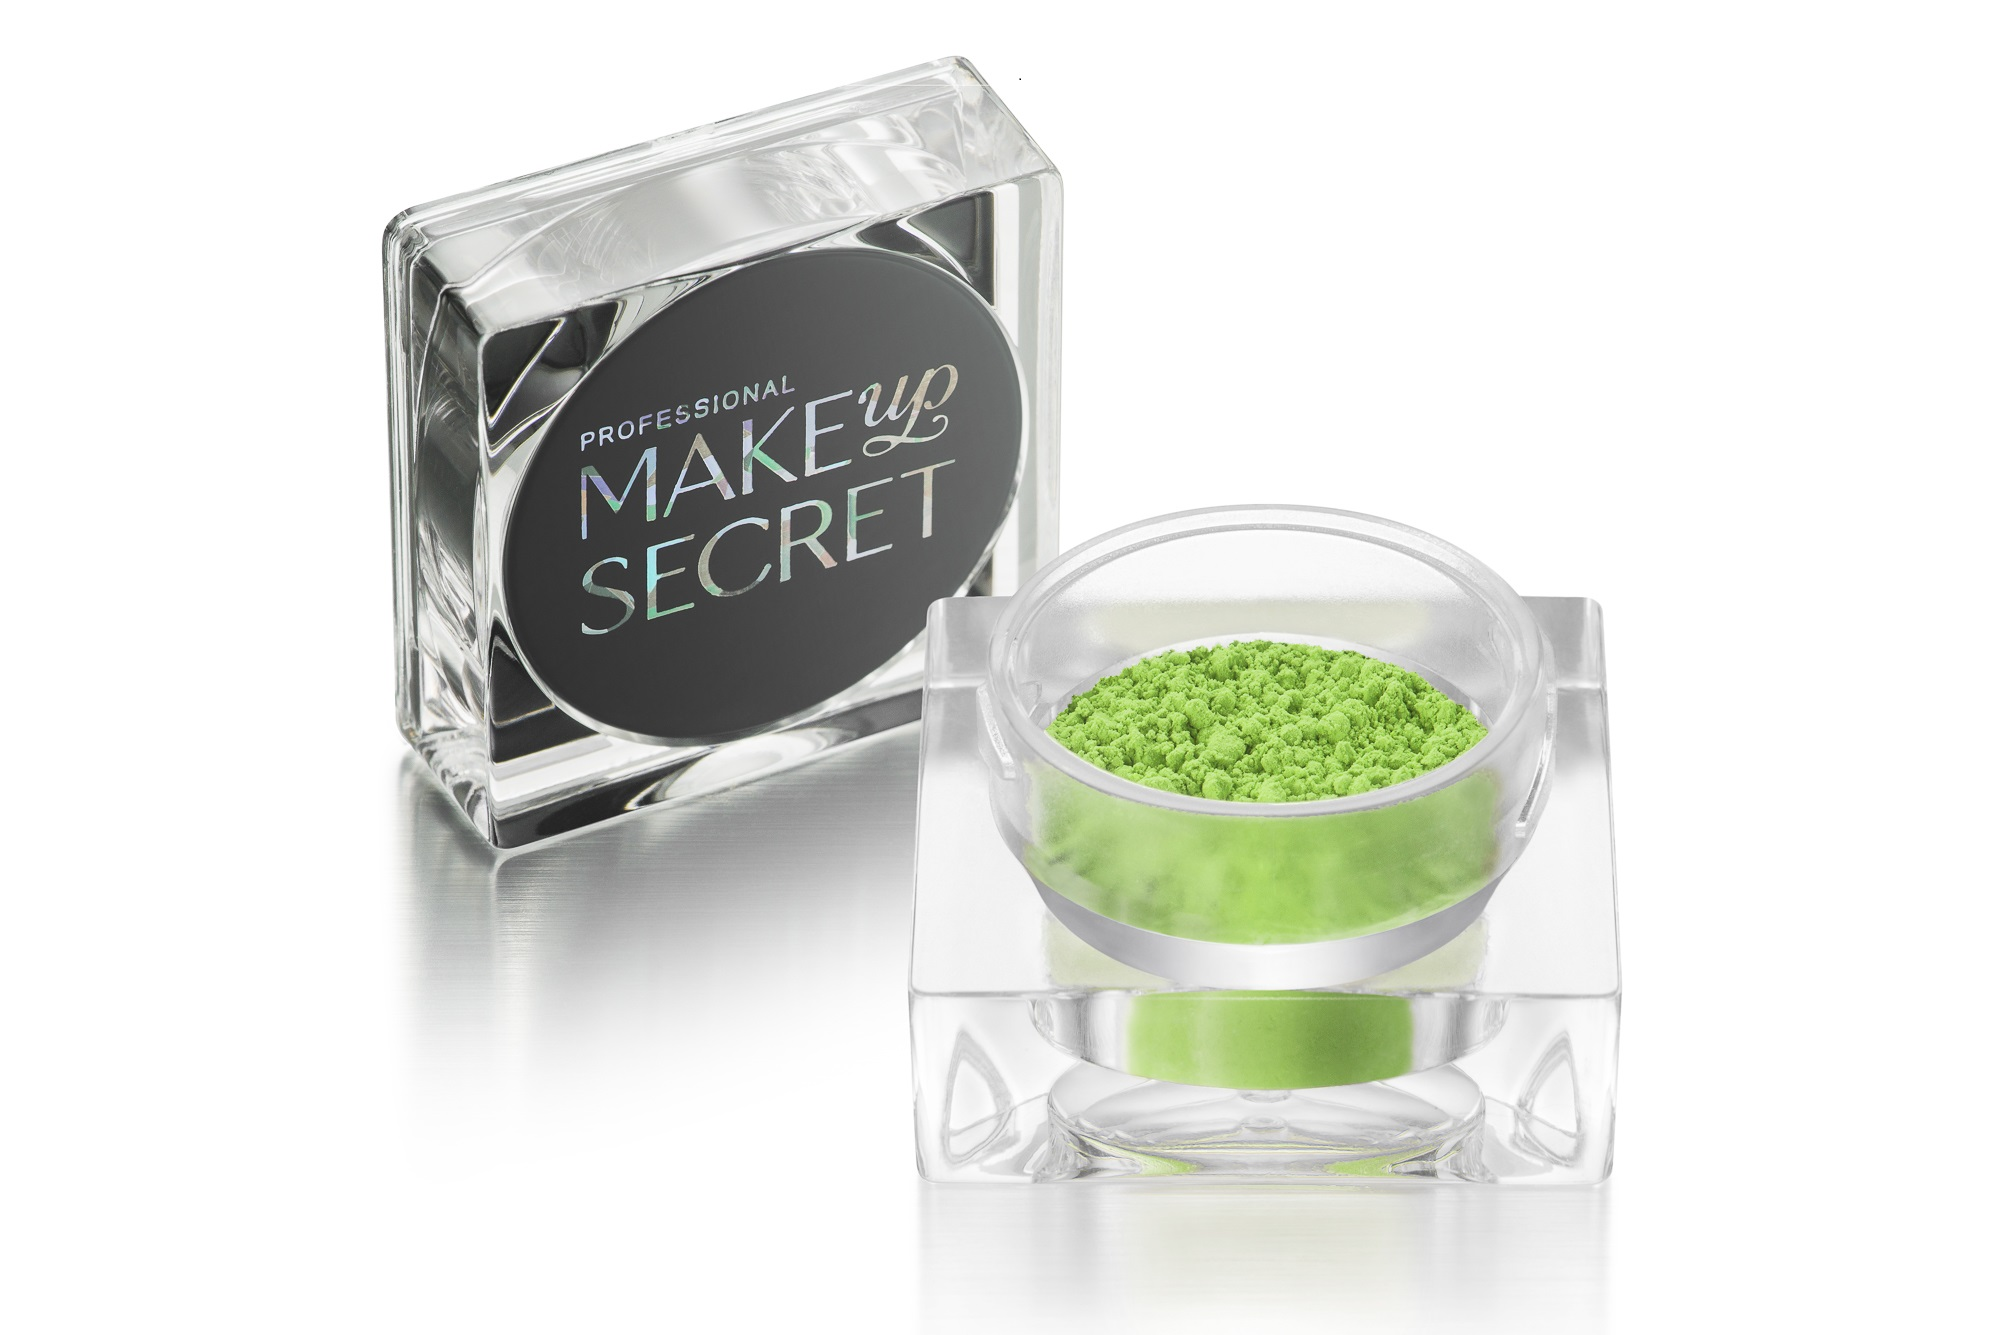 Пигменты Make up Secret MAKEUP EMOTIONS серия Reflection Pop art: фото